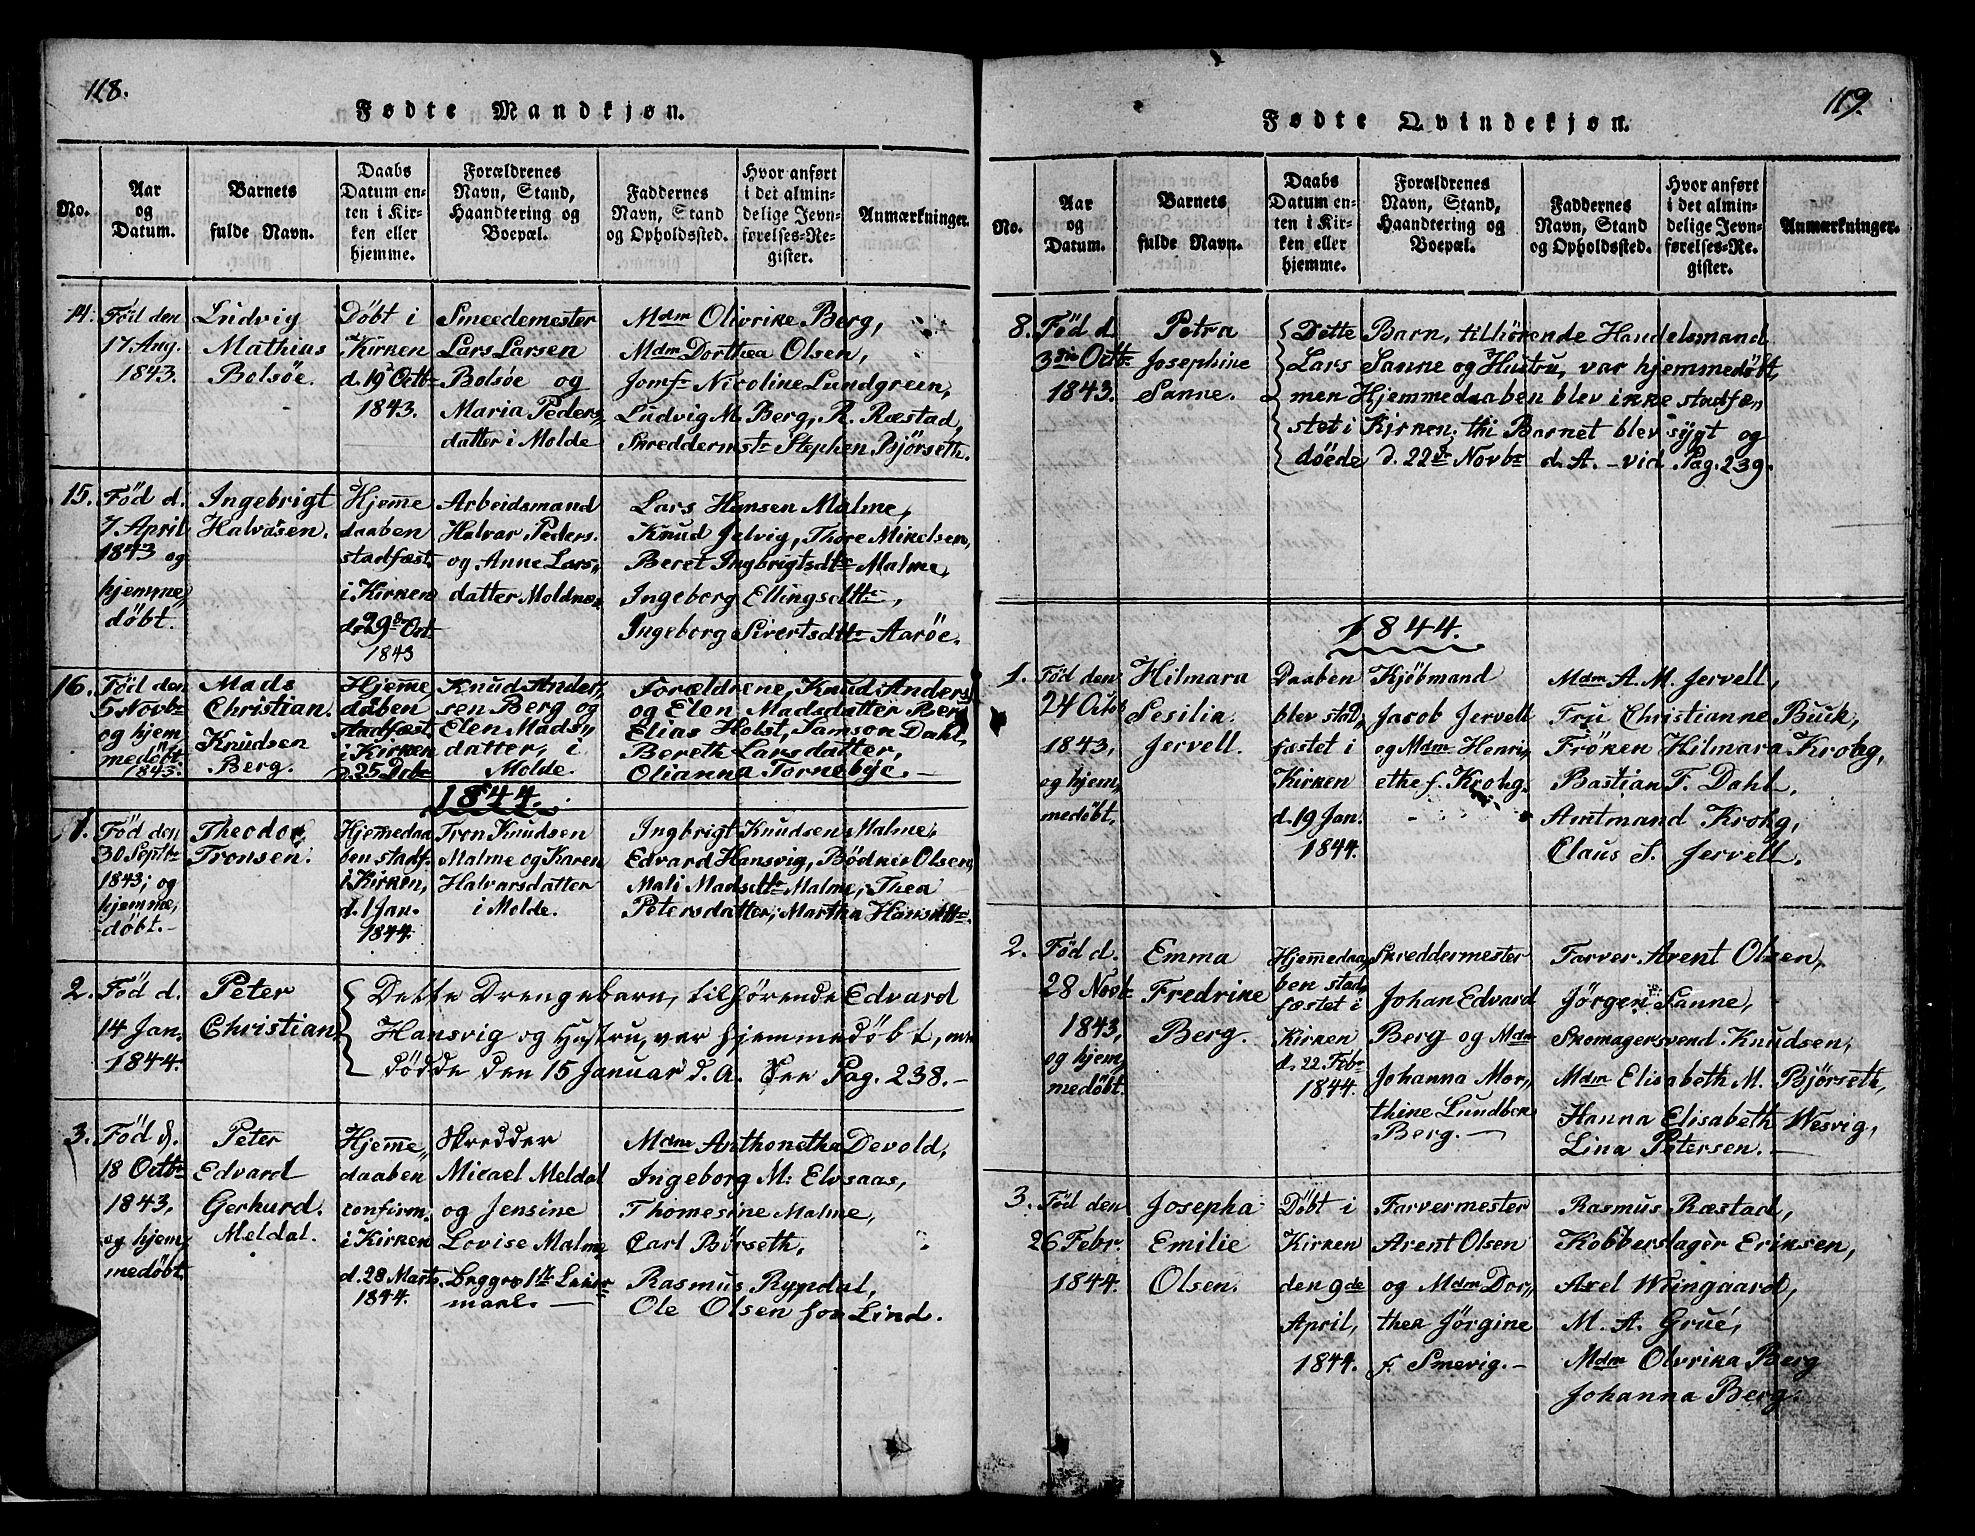 SAT, Ministerialprotokoller, klokkerbøker og fødselsregistre - Møre og Romsdal, 558/L0700: Klokkerbok nr. 558C01, 1818-1868, s. 118-119